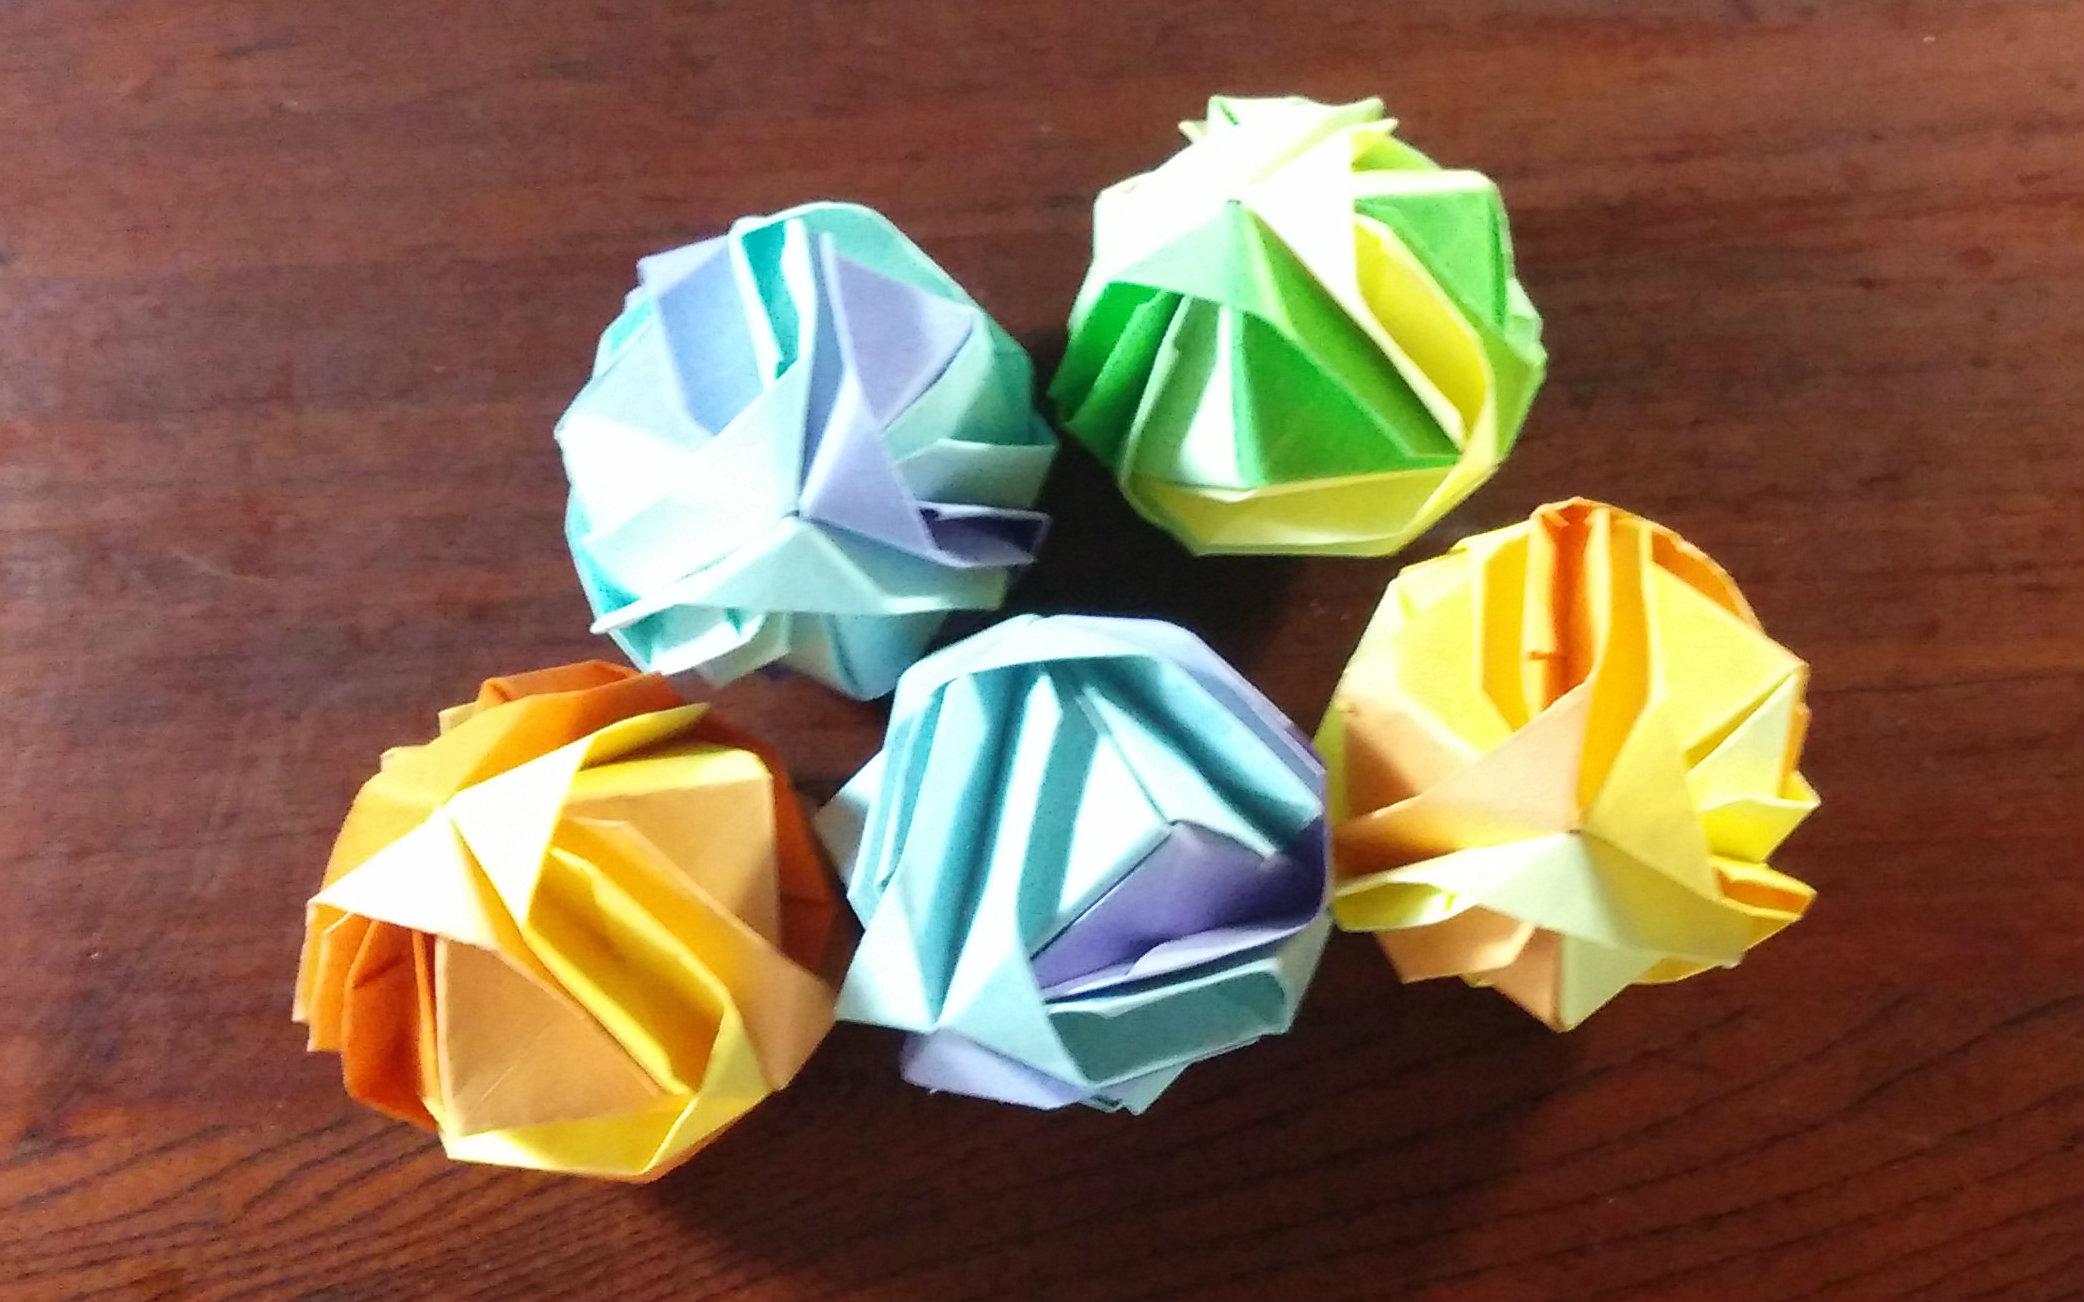 手工折纸桥步骤 图解